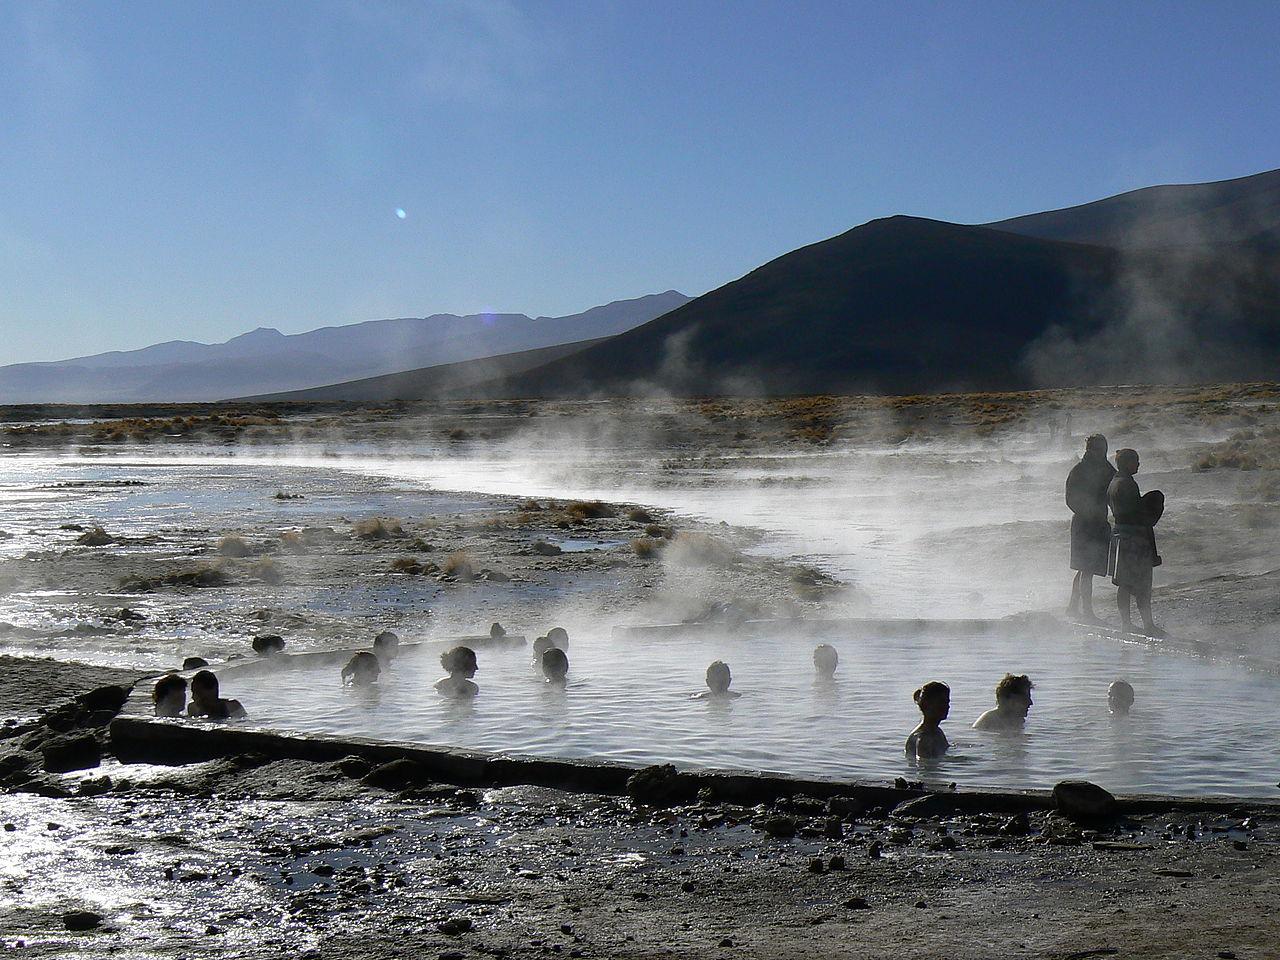 Baños Turcos Naturales En Aguas Termales:Aguas Termales Potosi Bolivia